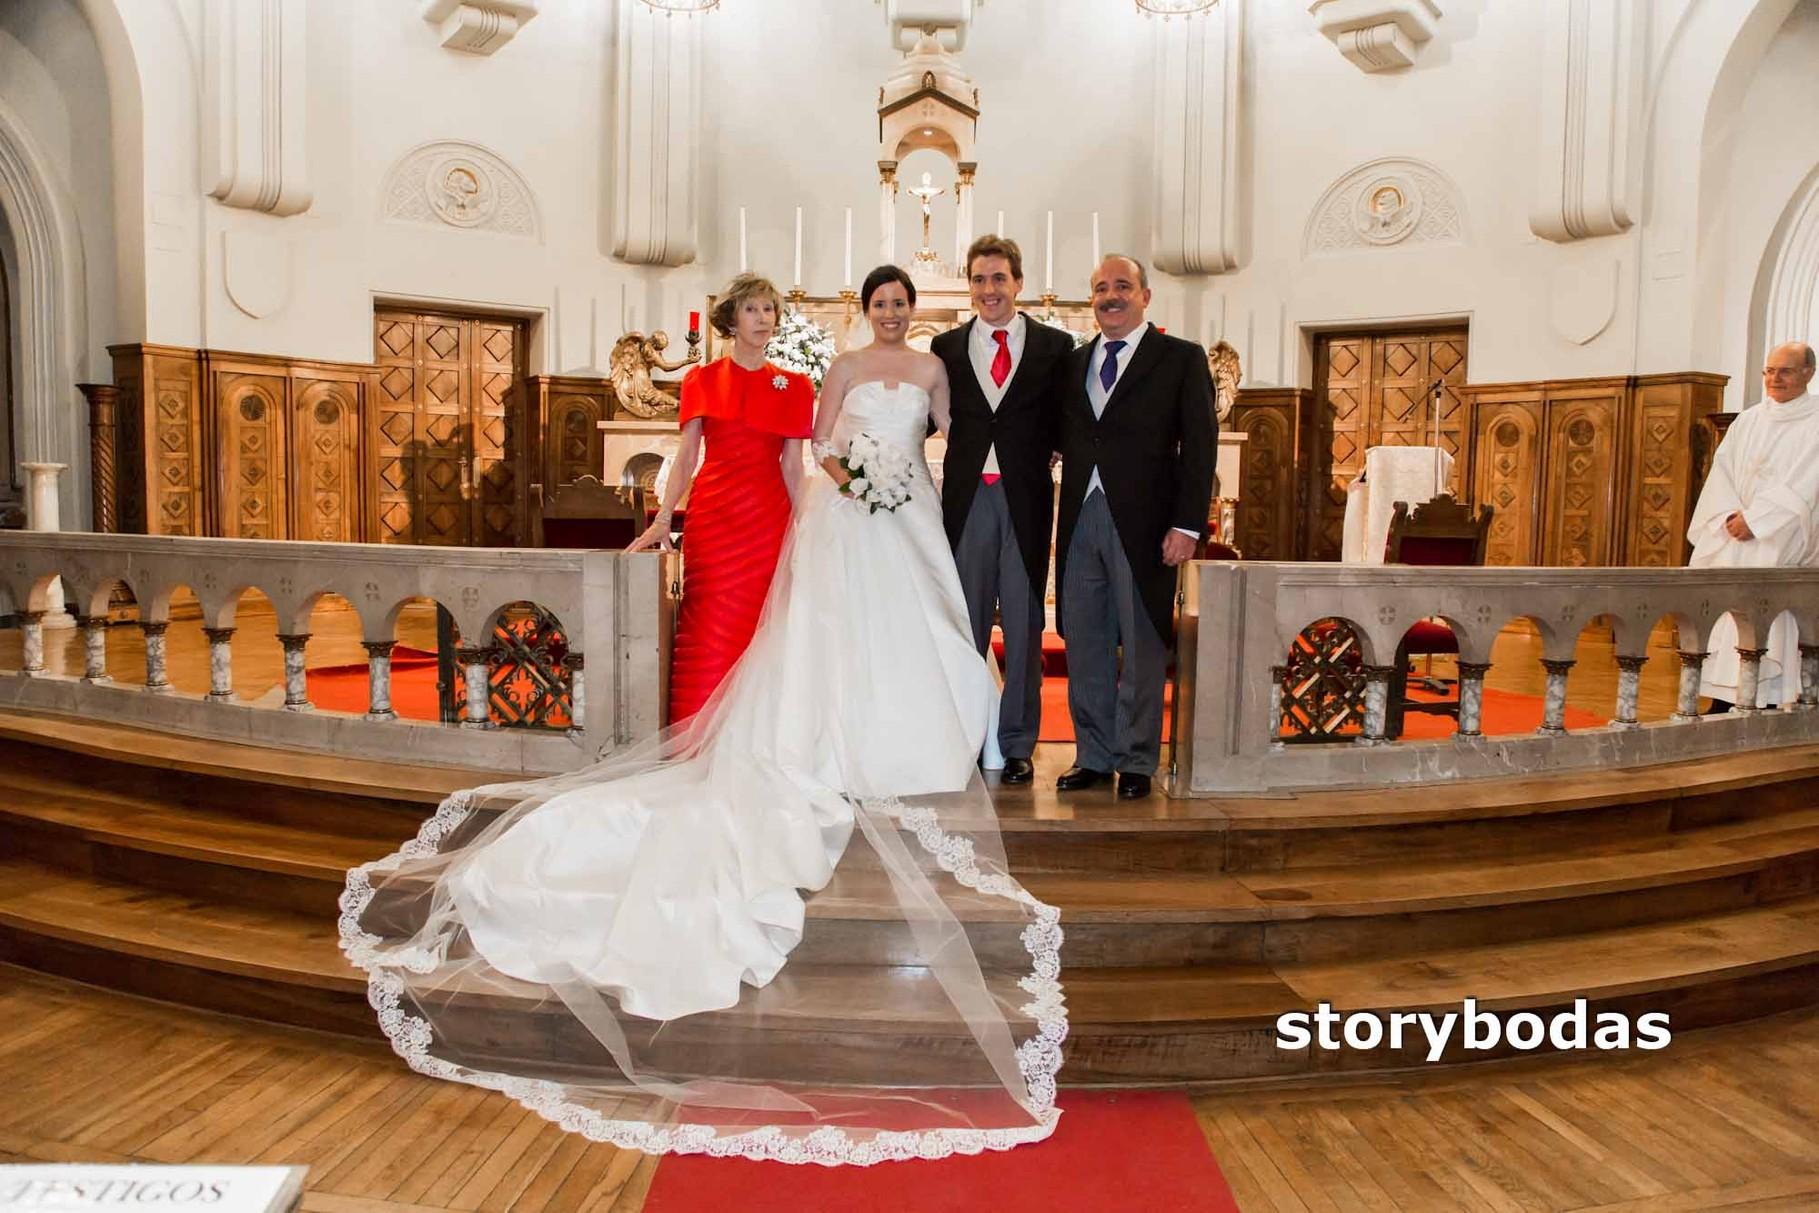 storybodas Foto de pose de los Padrinos y los Novios en la Iglesia